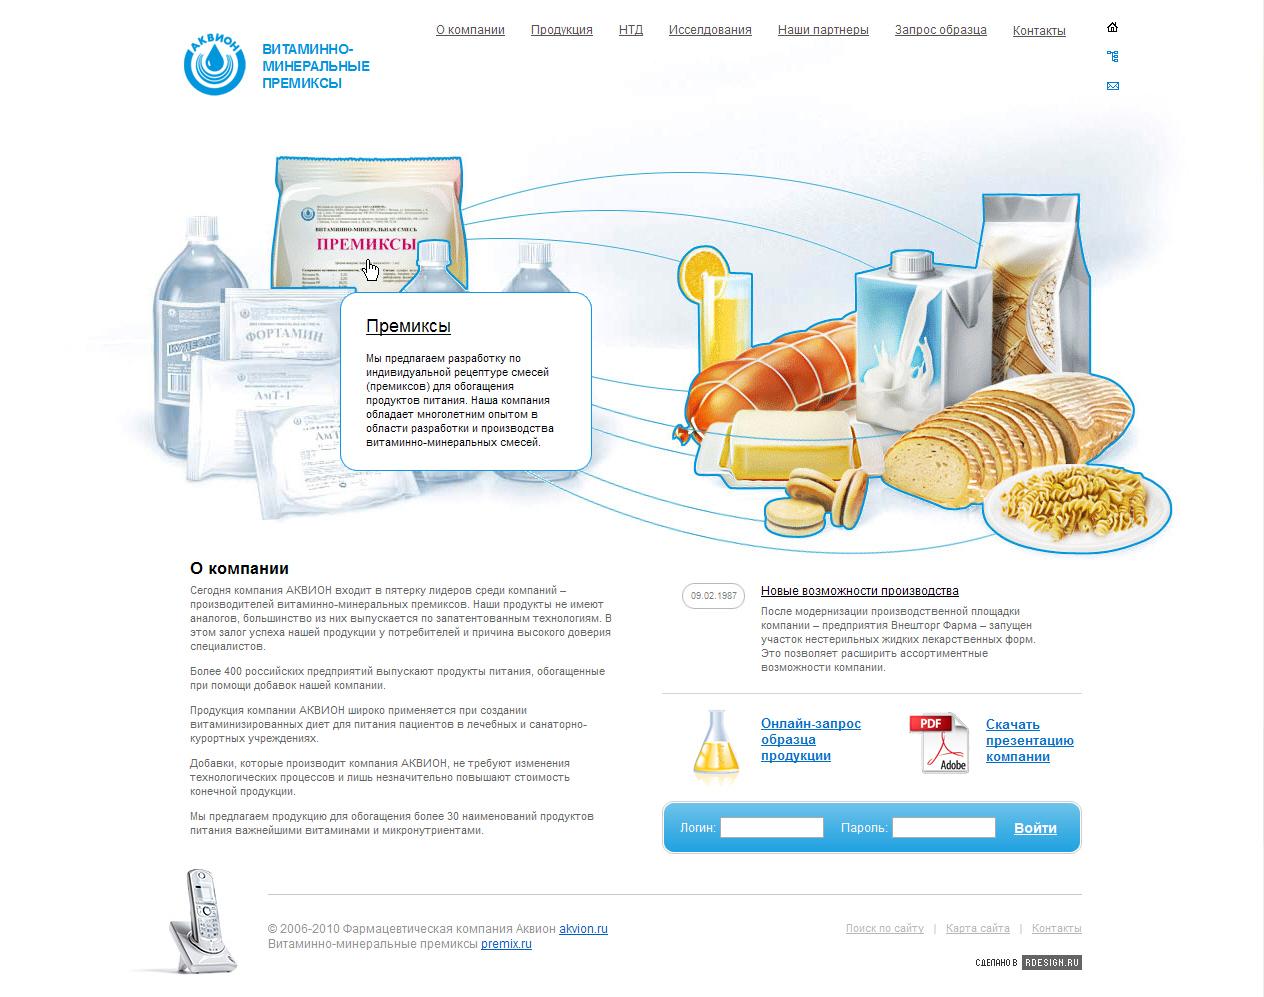 Витаминно-минеральные комплексы Аквион